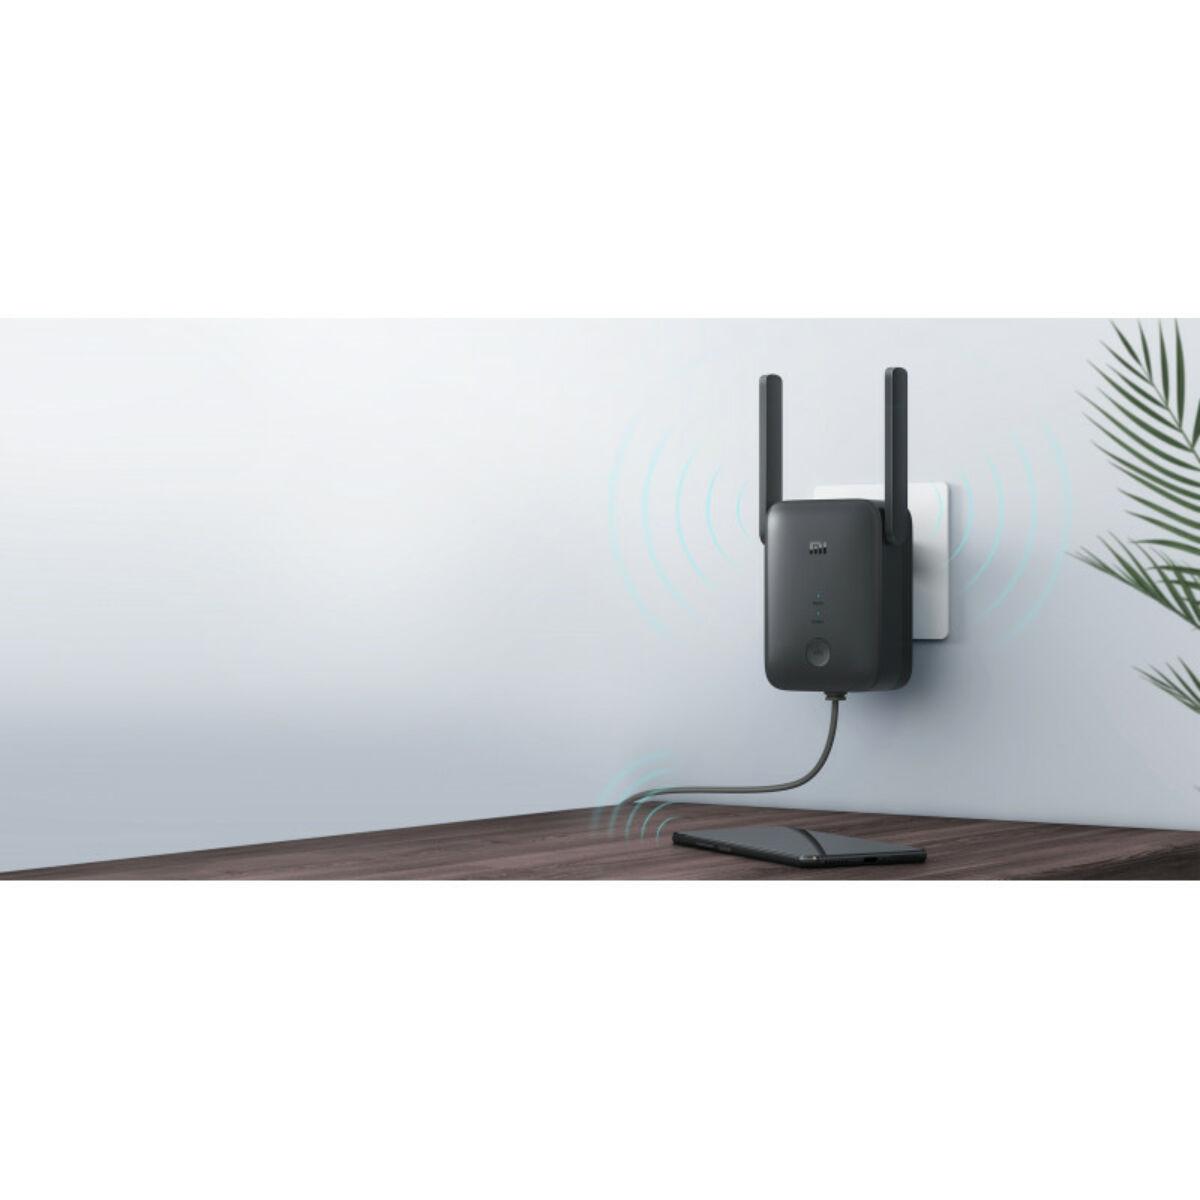 Xiaomi Mi Wi-Fi Range Extender AC1200 jelerősítő, fekete  EU DVB4270GL